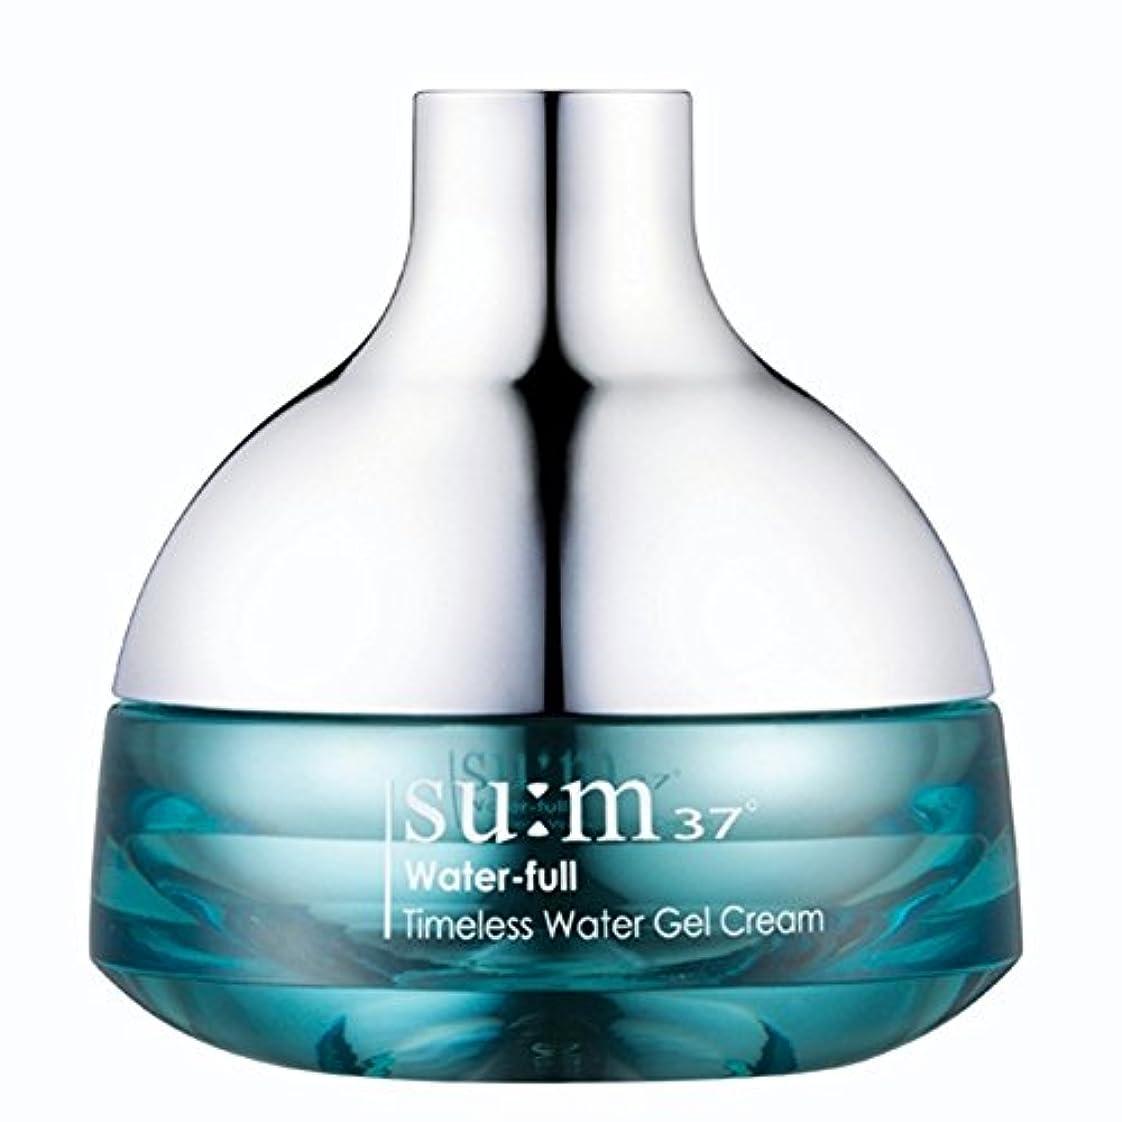 洋服フレキシブル安心su:m37/スム37° スム37 ウォーターフルタイムレスウォータージェルクリーム50ml (sum 37ºWater-full Timeless Water Gel Cream 50ml + Special Gift...